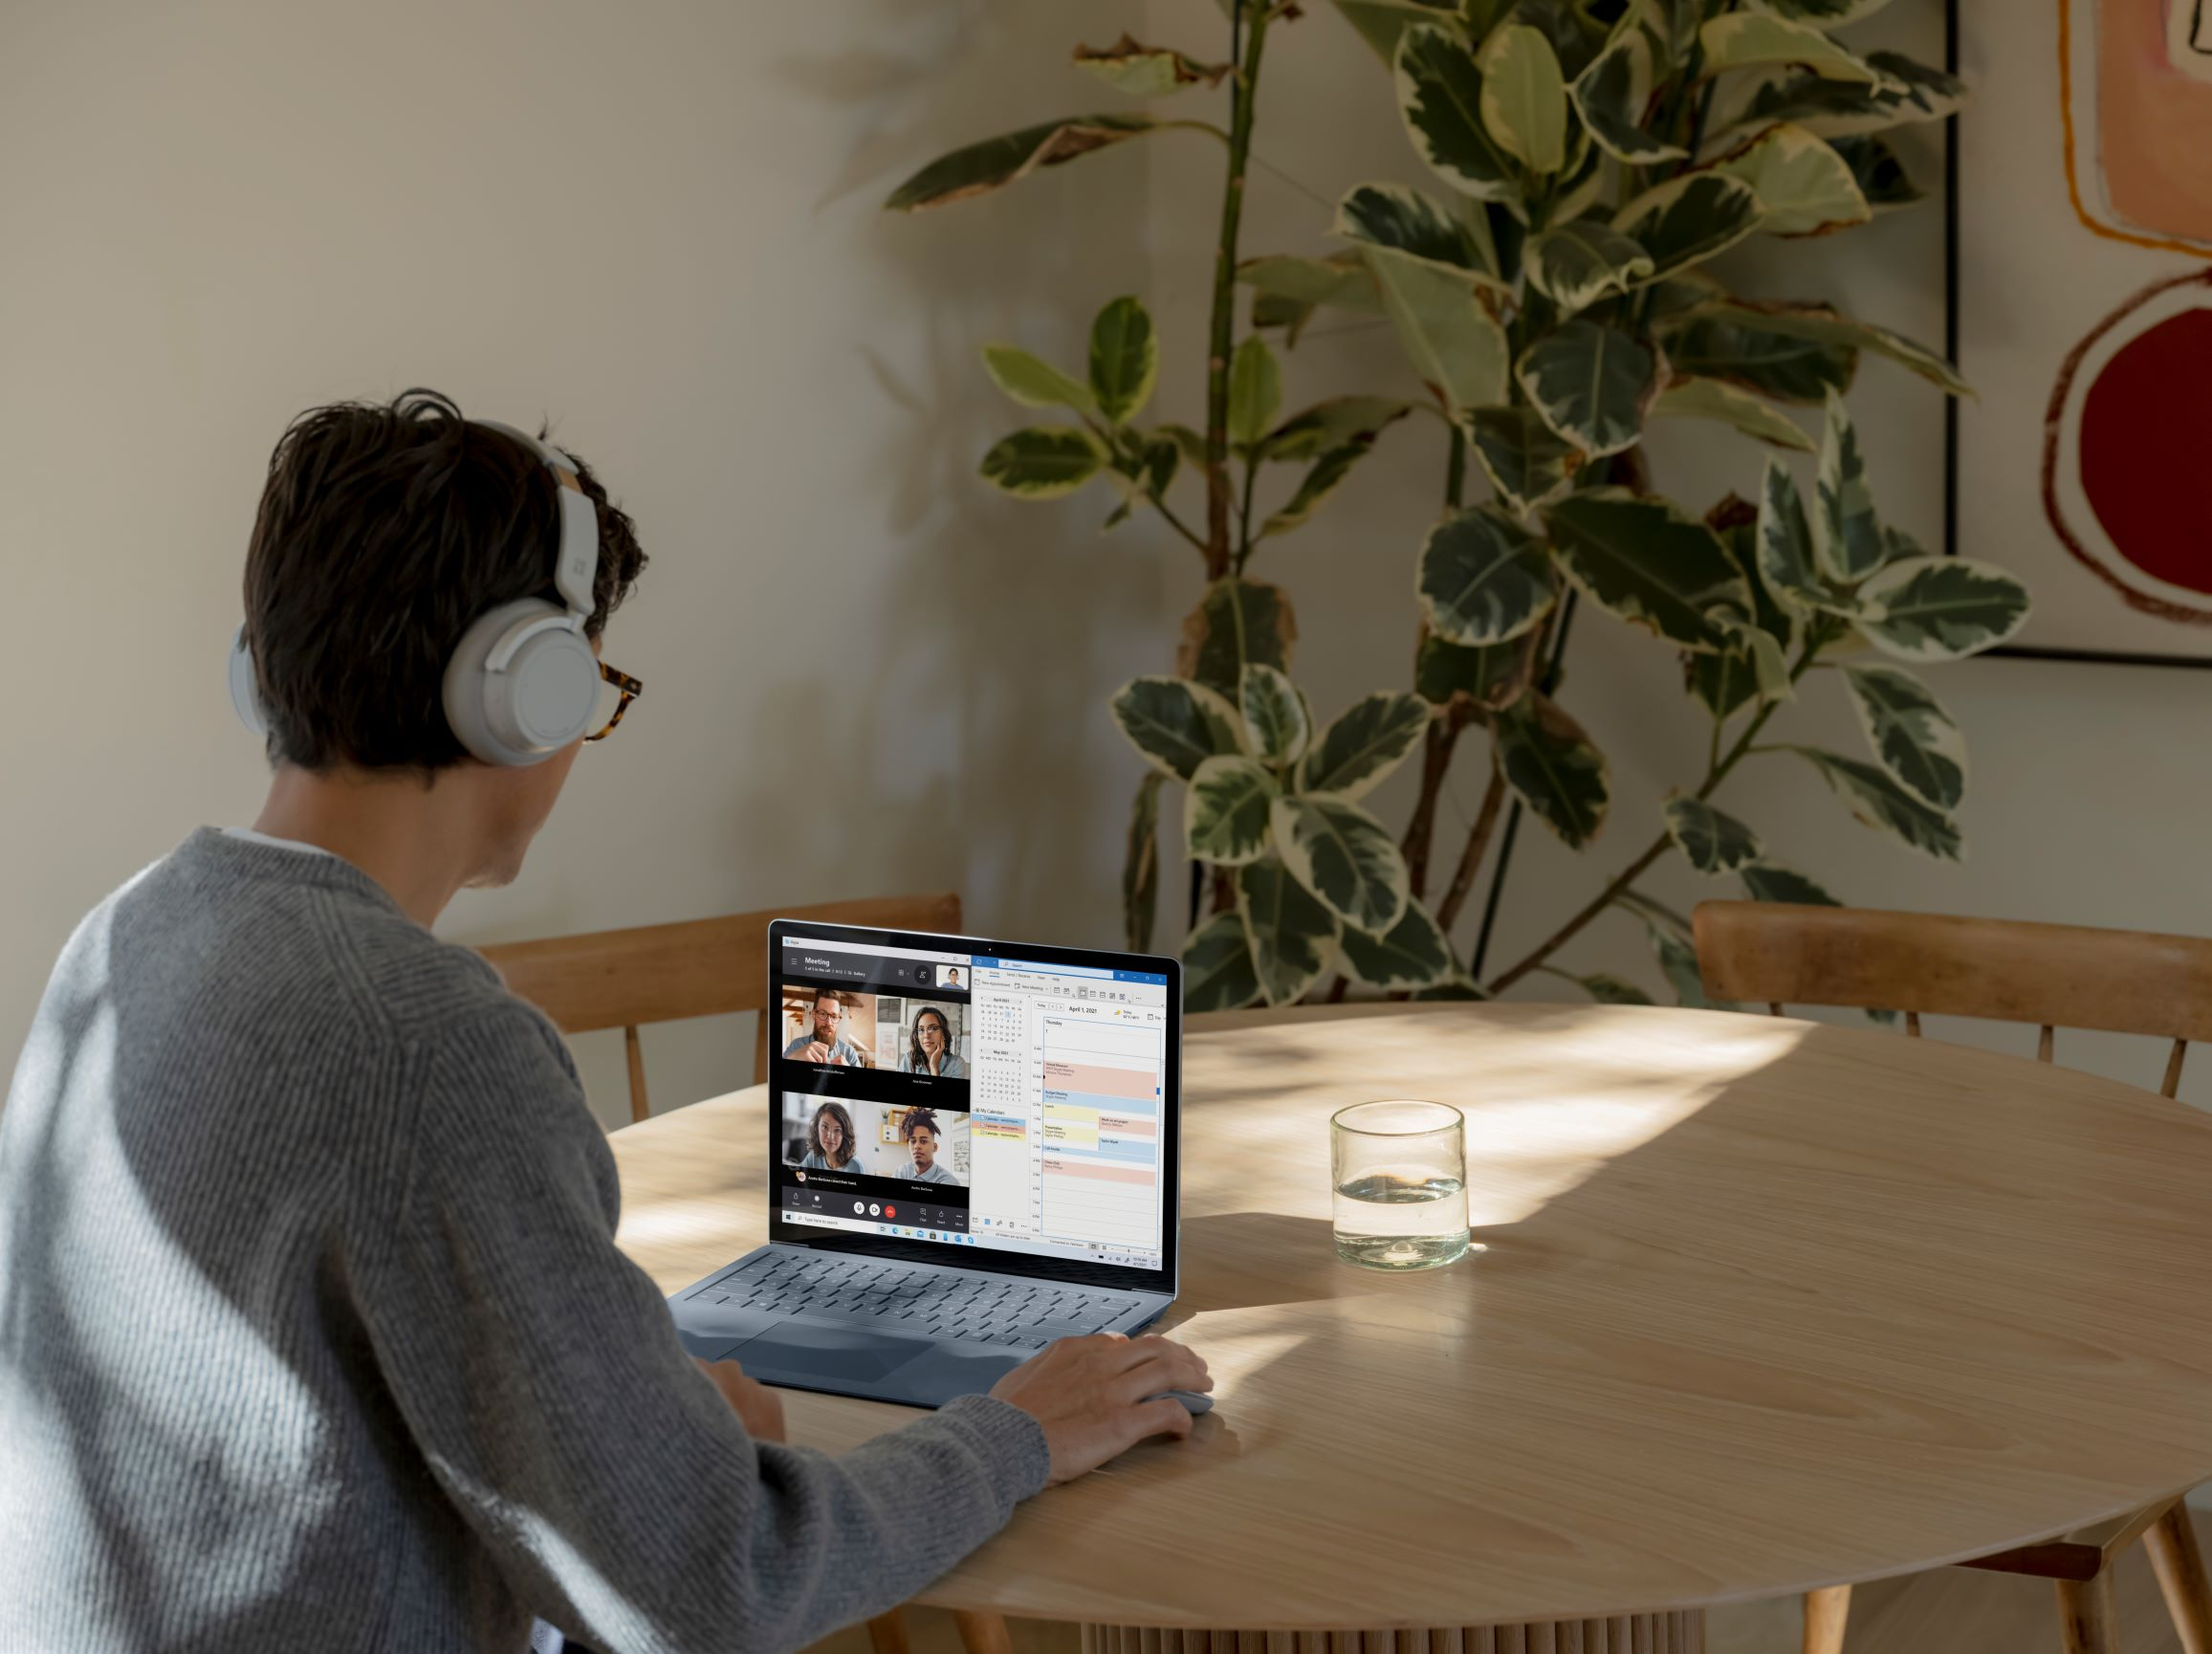 微軟報告:善用數位工具管理會議 更易適應混合辦公新常態